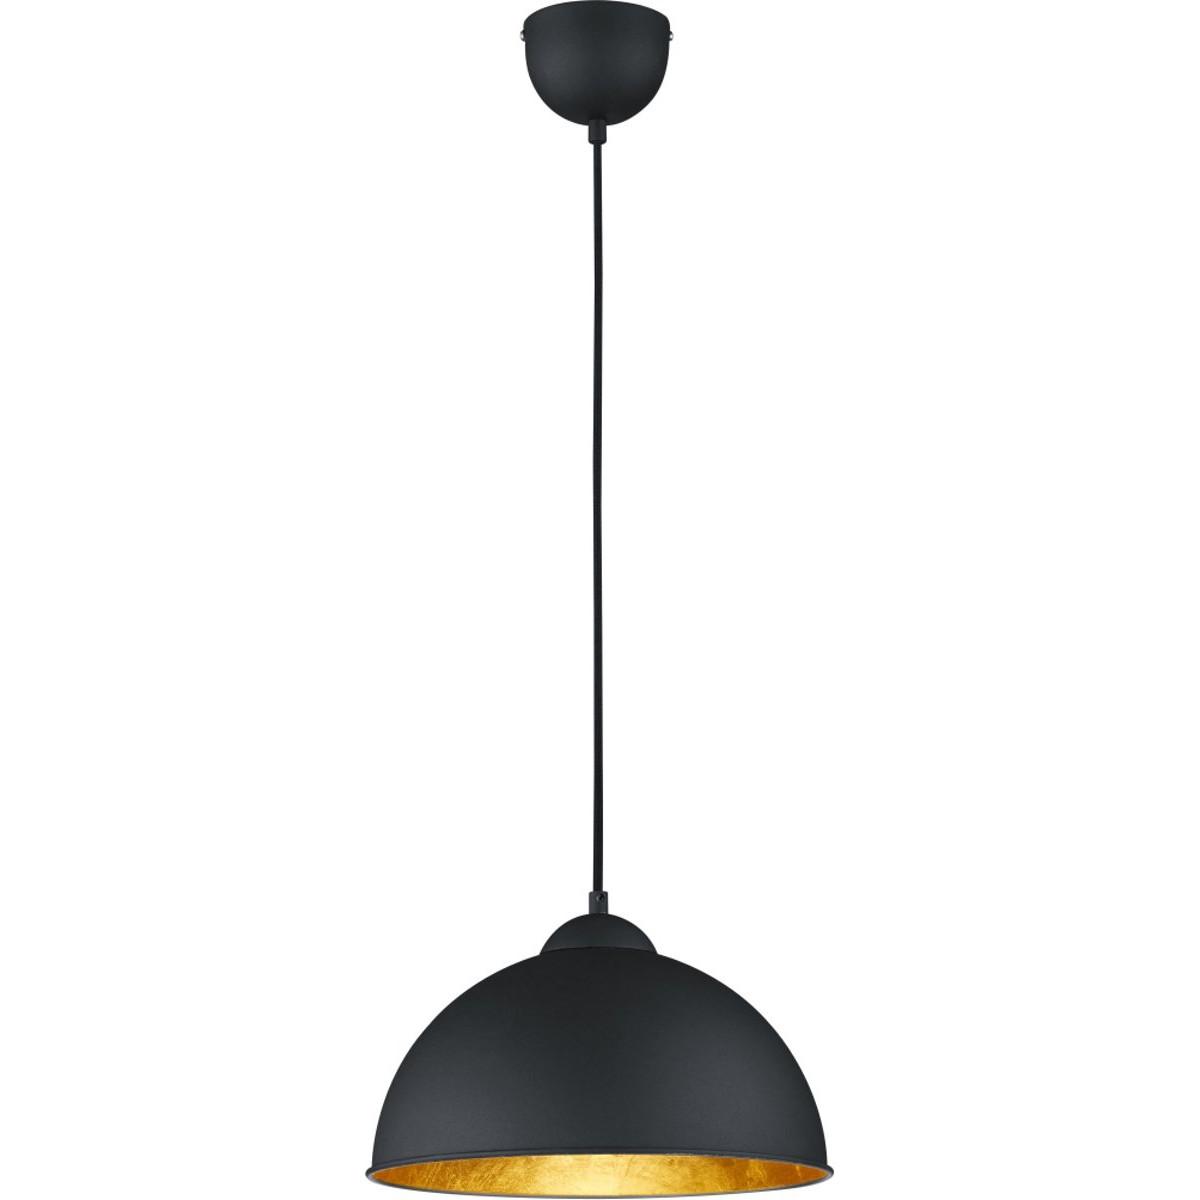 LED Hanglamp - Trion Jin - E27 Fitting - Rond - Mat Zwart Aluminium